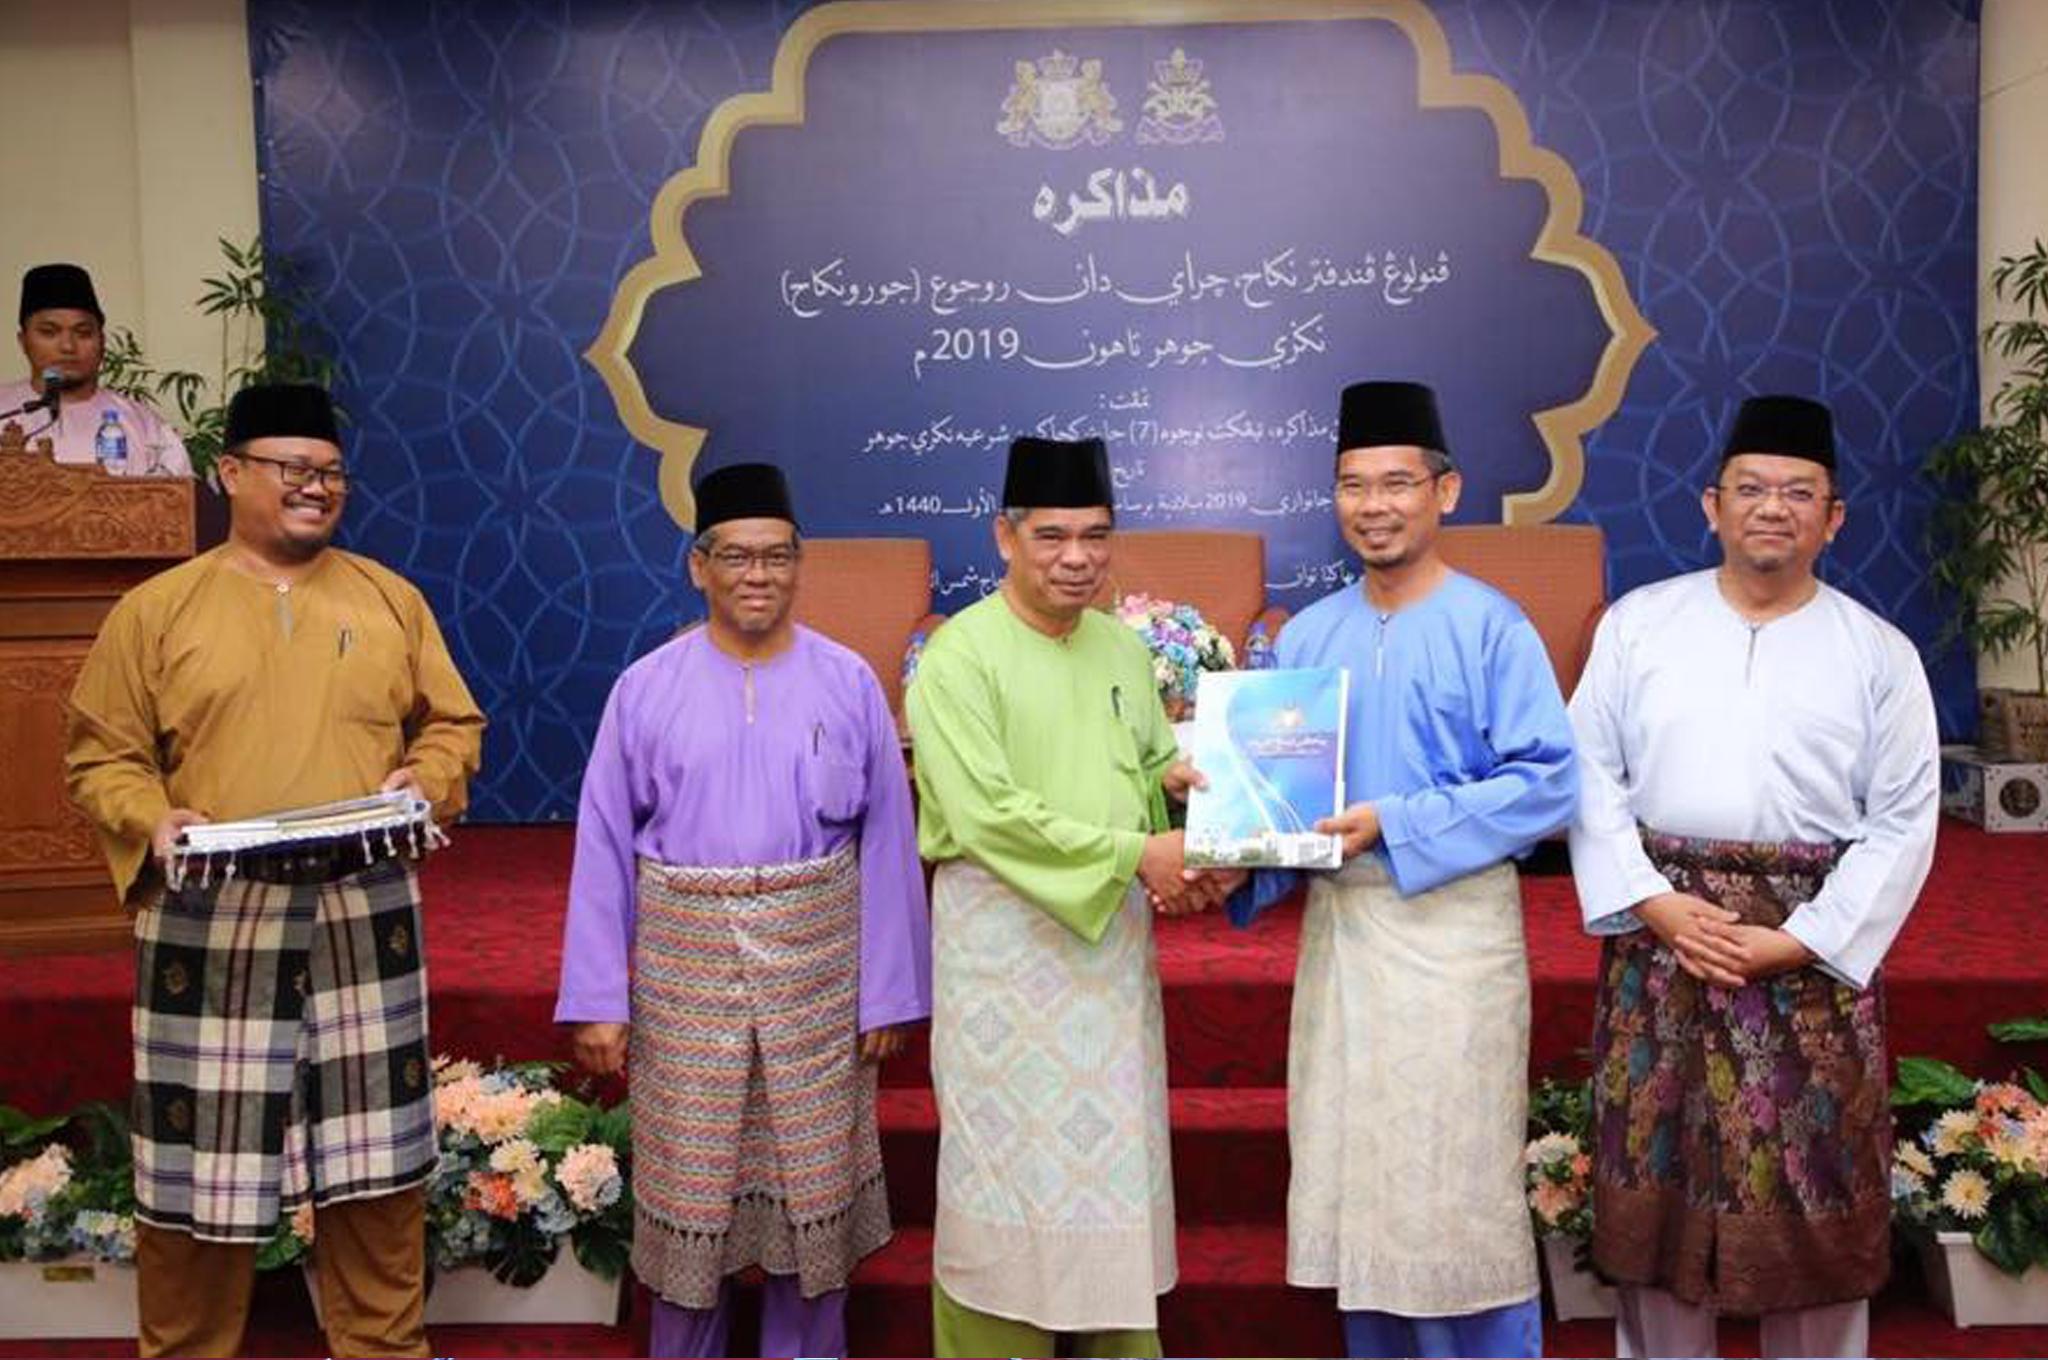 Muzakarah Penolong Pendaftar Nikah, Cerai dan Rujuk (Jurunikah) Negeri Johor Tahun 2019 pada 24 Januari 2019.